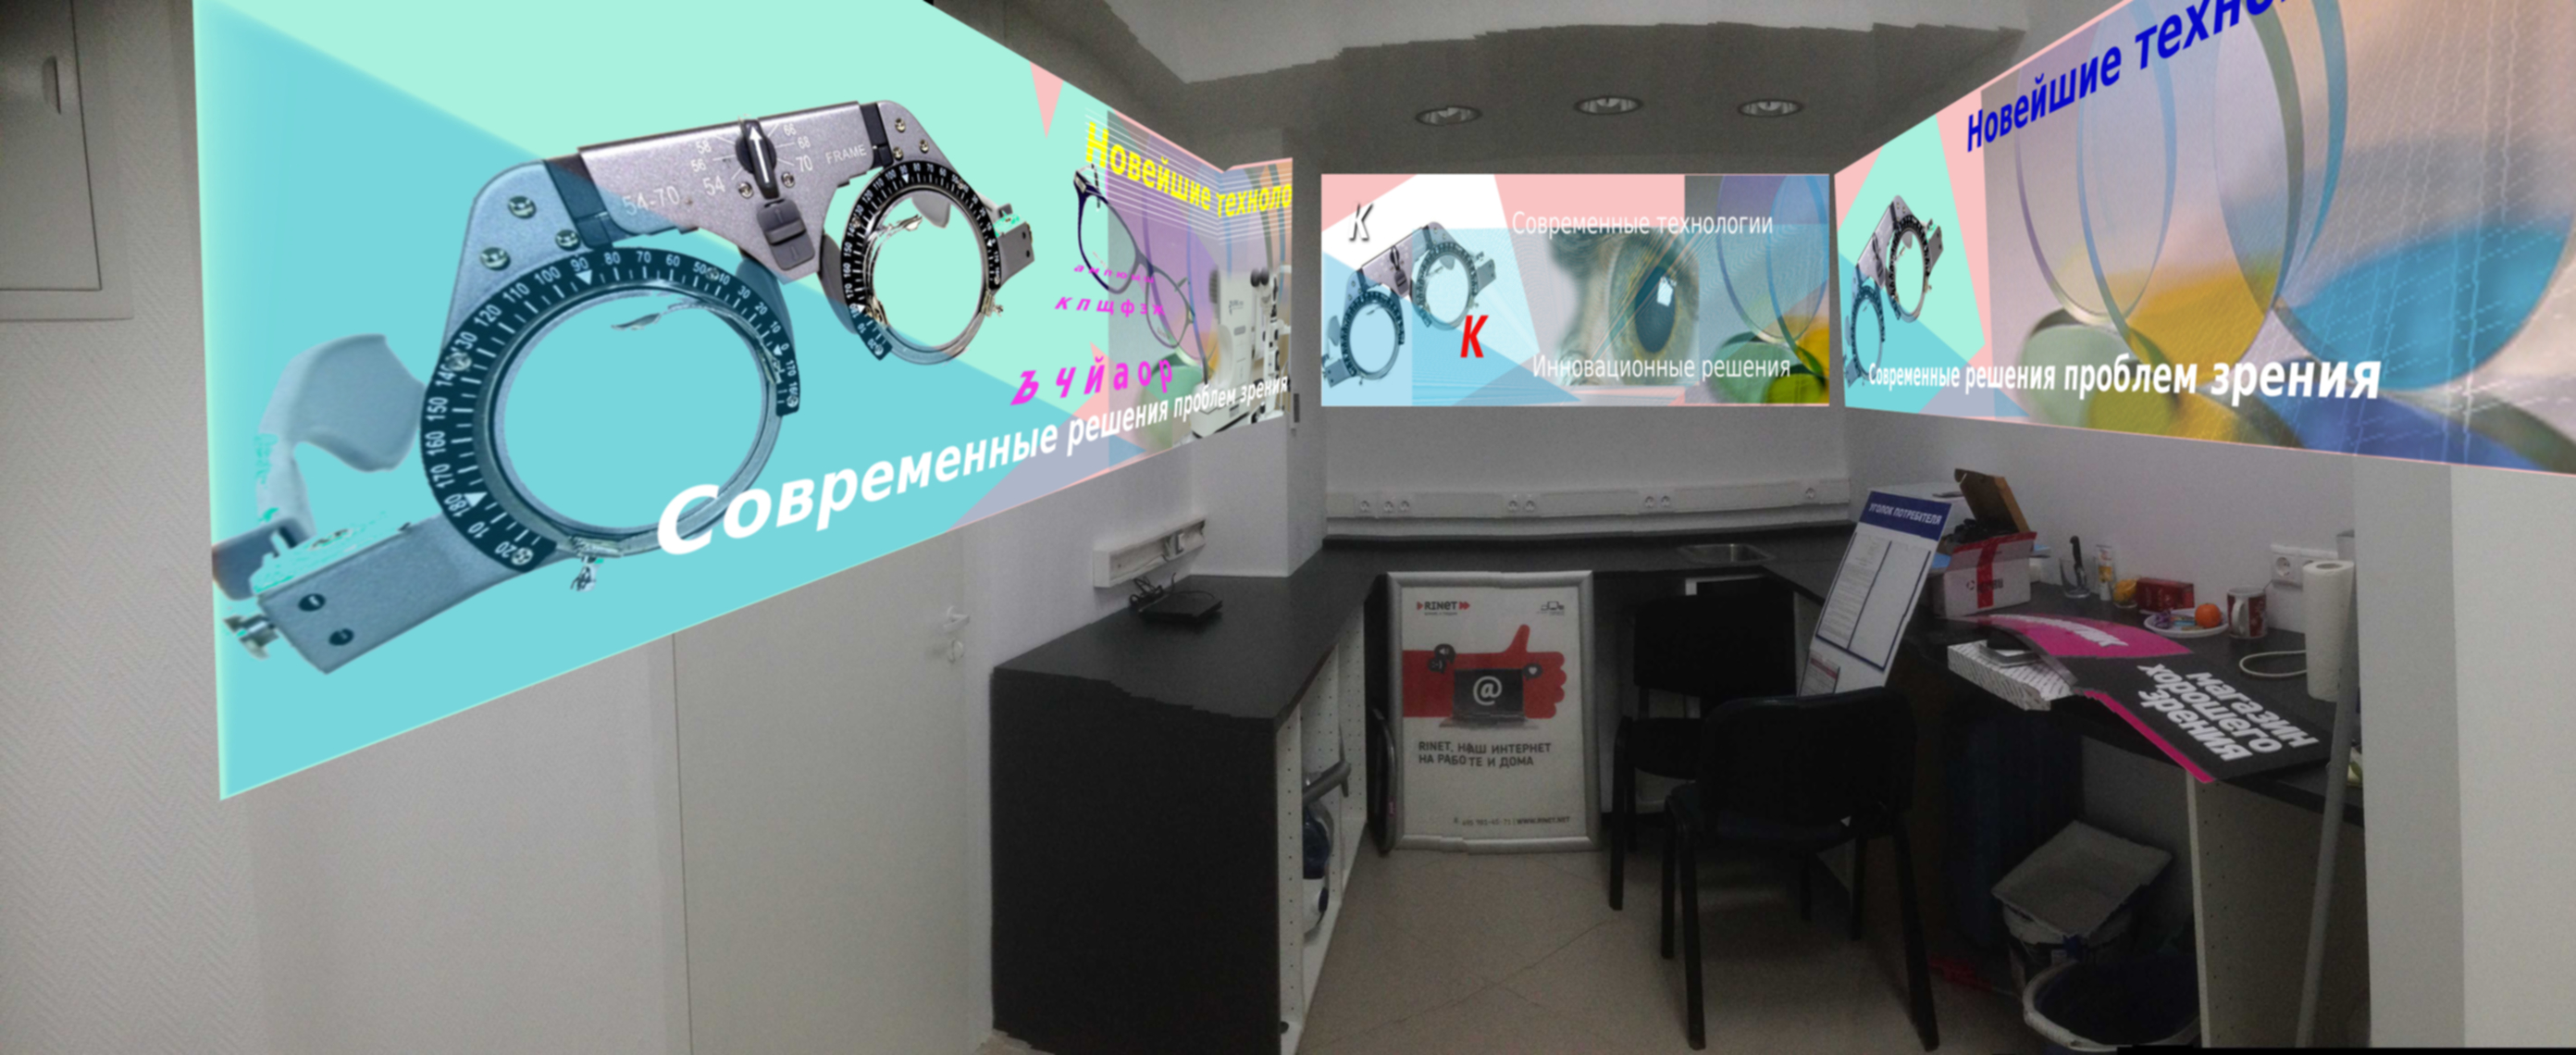 Создание нескольких графических панно для оптической компани фото f_786590e24b879042.jpg